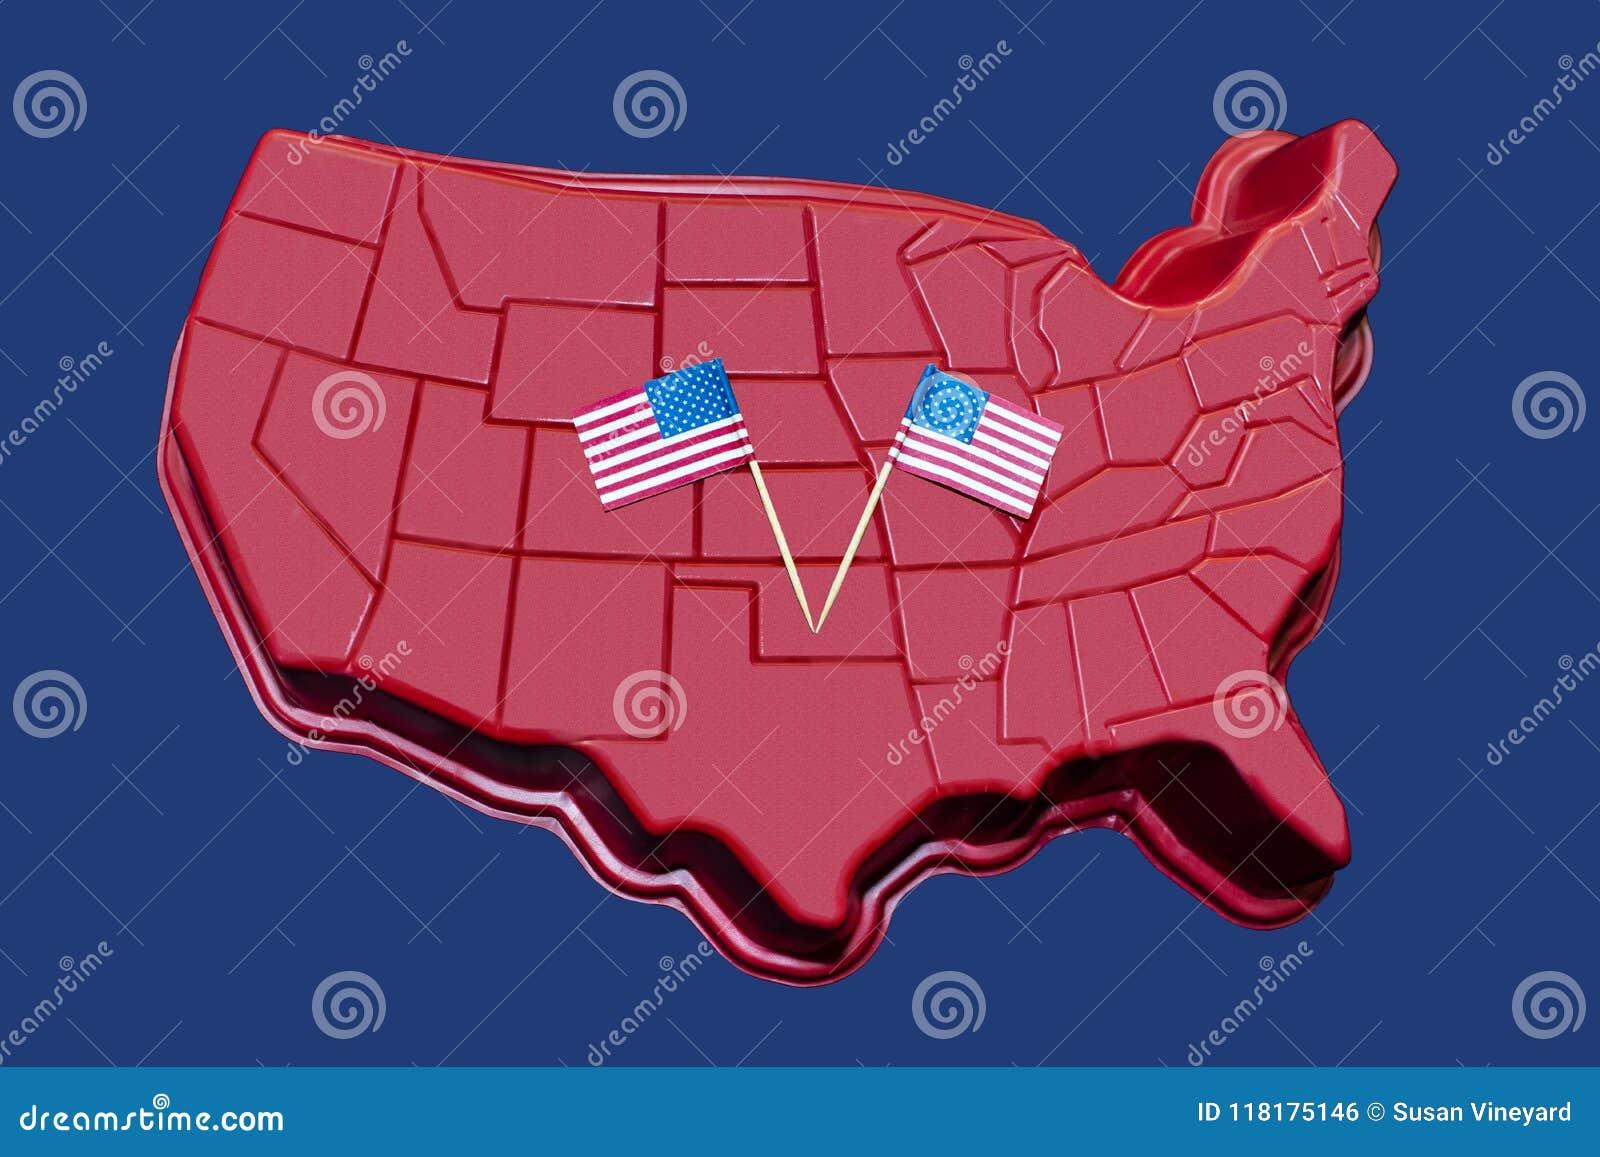 Carte tridimensionnelle des USA continentaux avec les drapeaux américains montrés là-dessus - fond ou élément patriotique